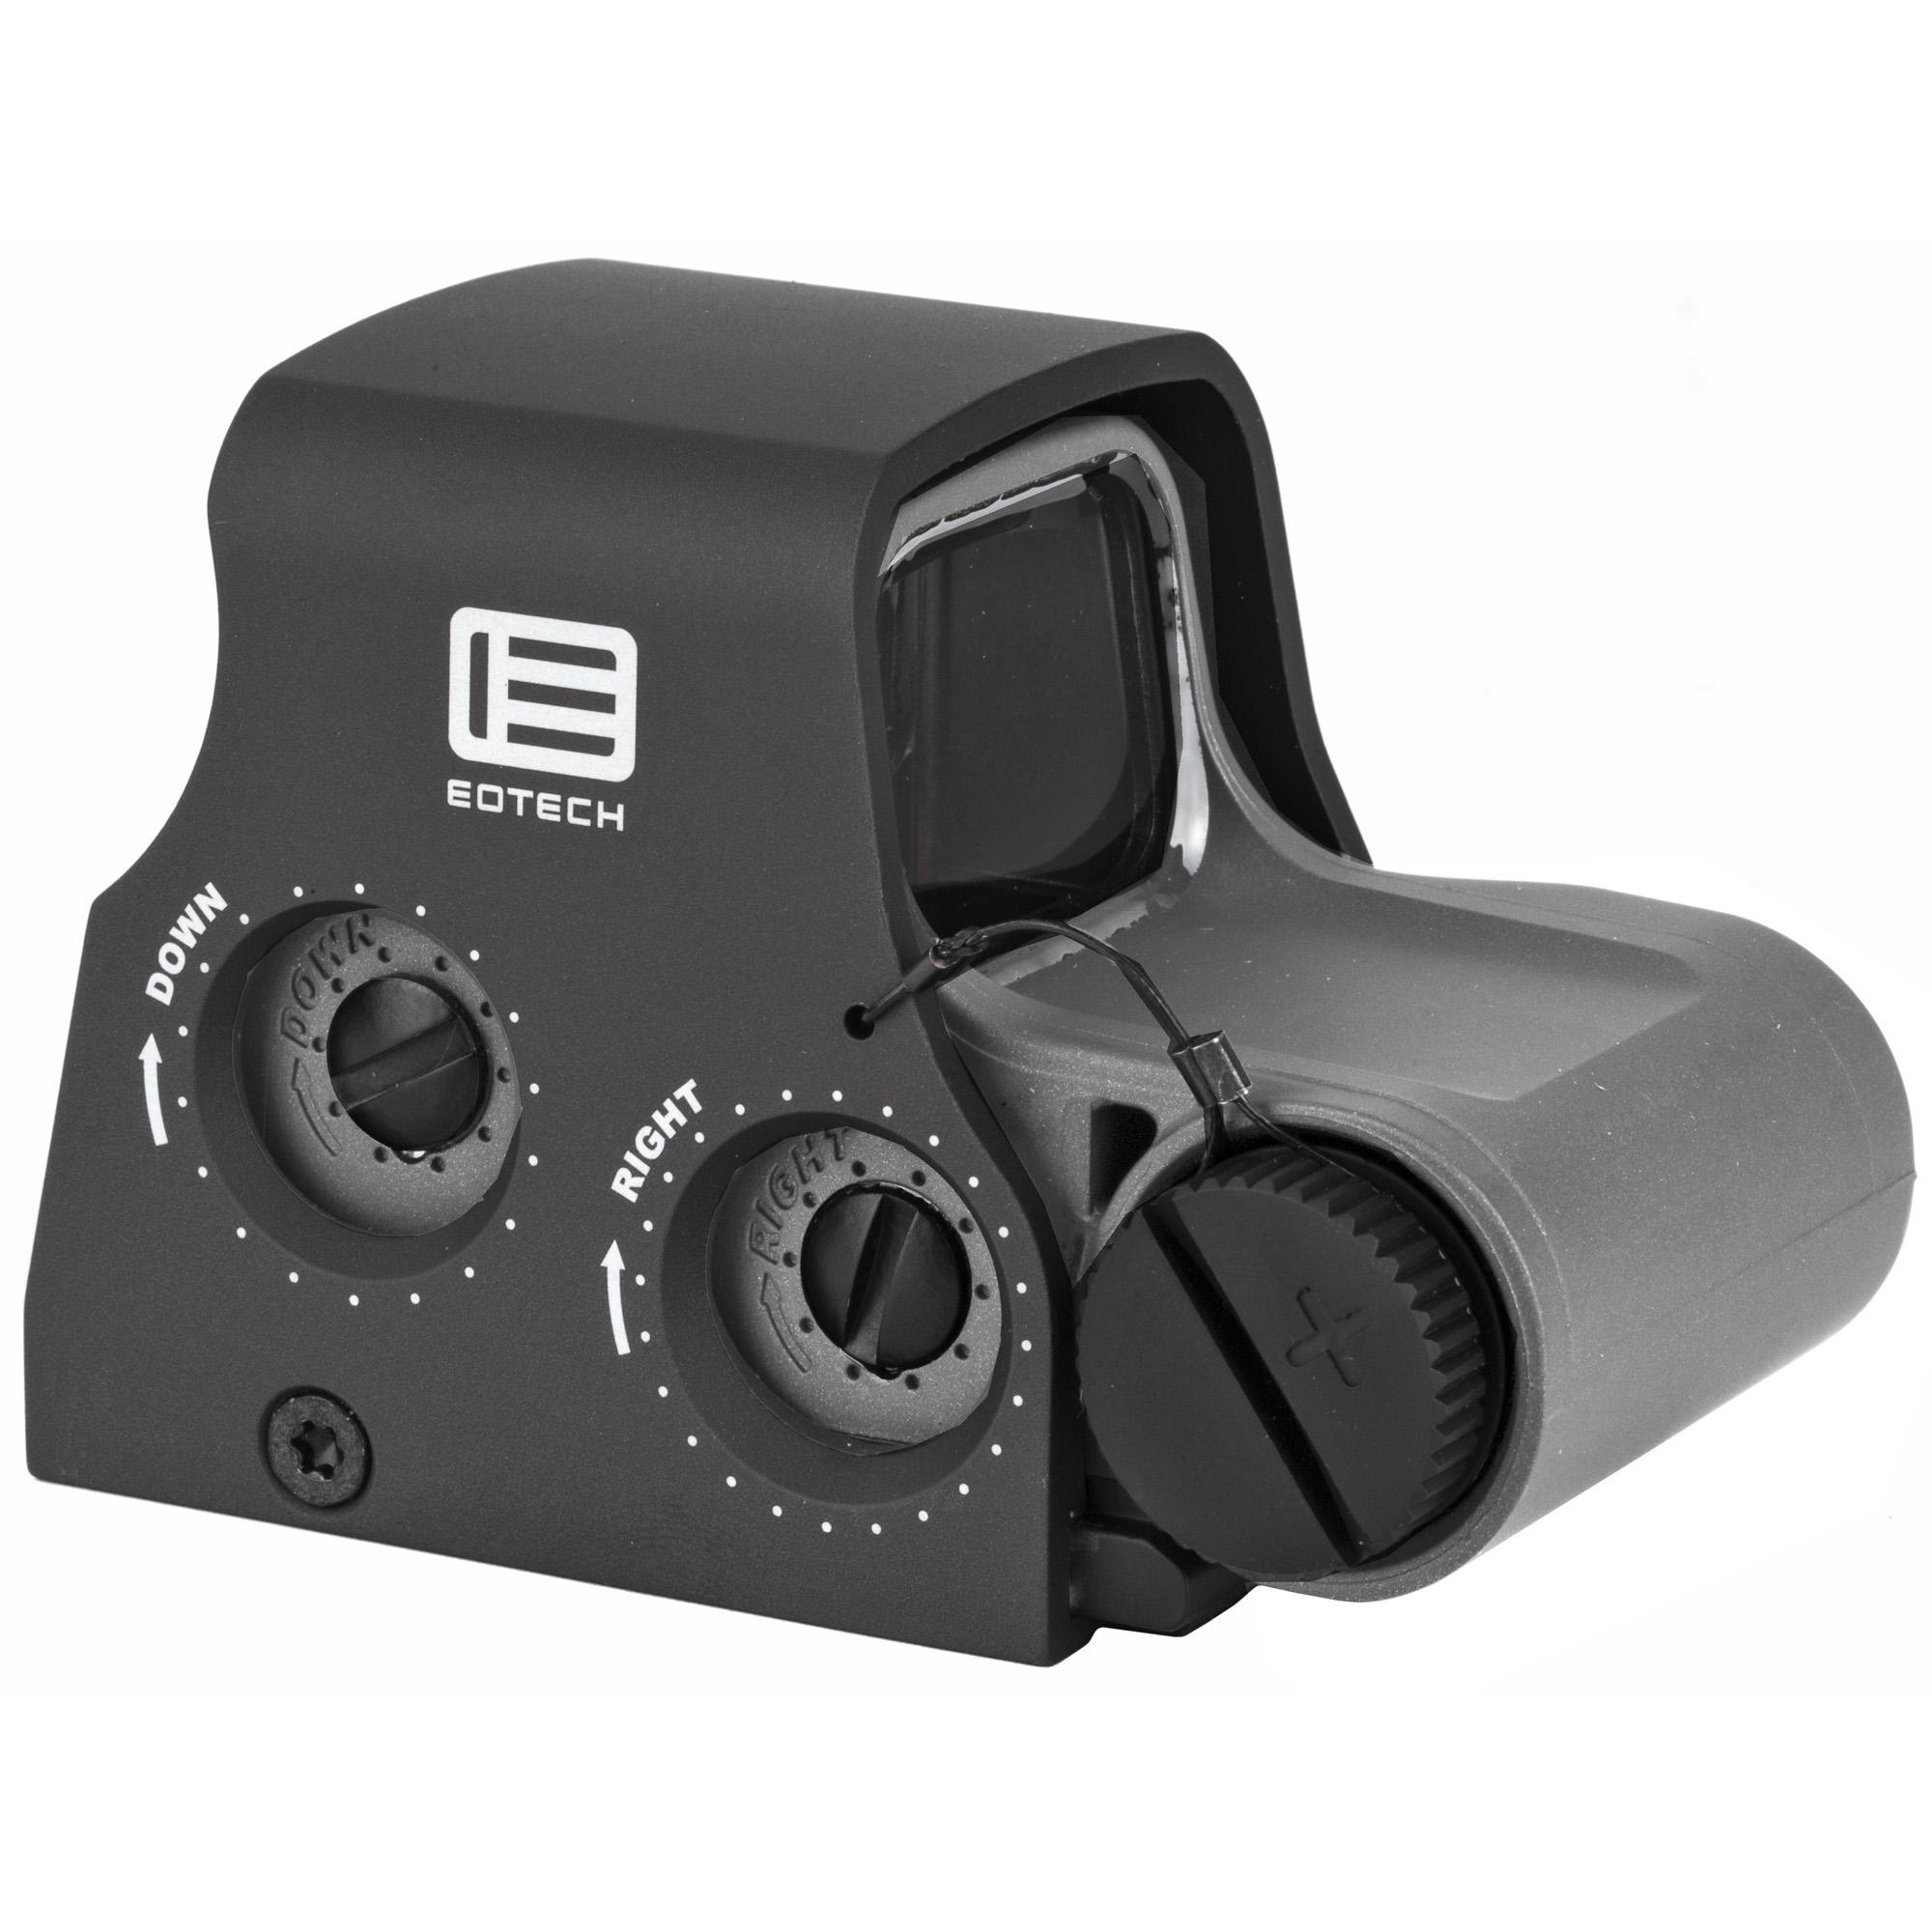 EOTech Eotech Xps2 68moa Ring/1moa Dot Grey